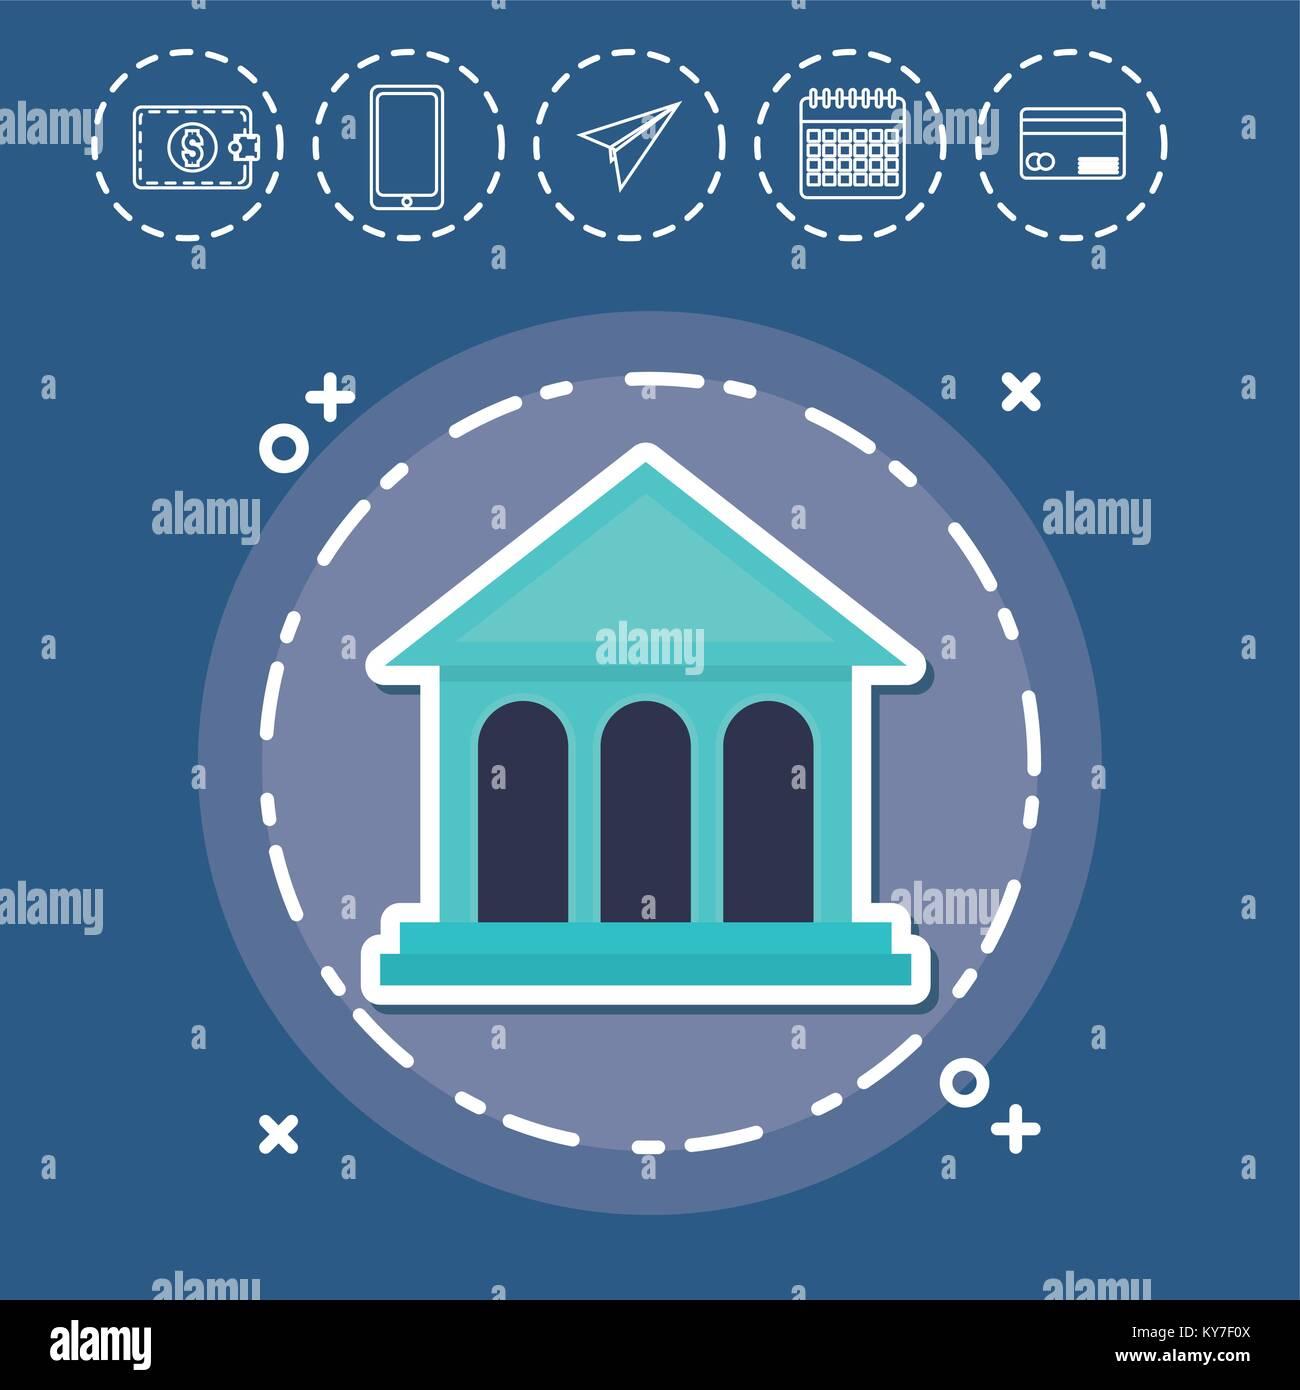 Fintech banque financière Investissement Concept Technologie Internet Illustration de Vecteur